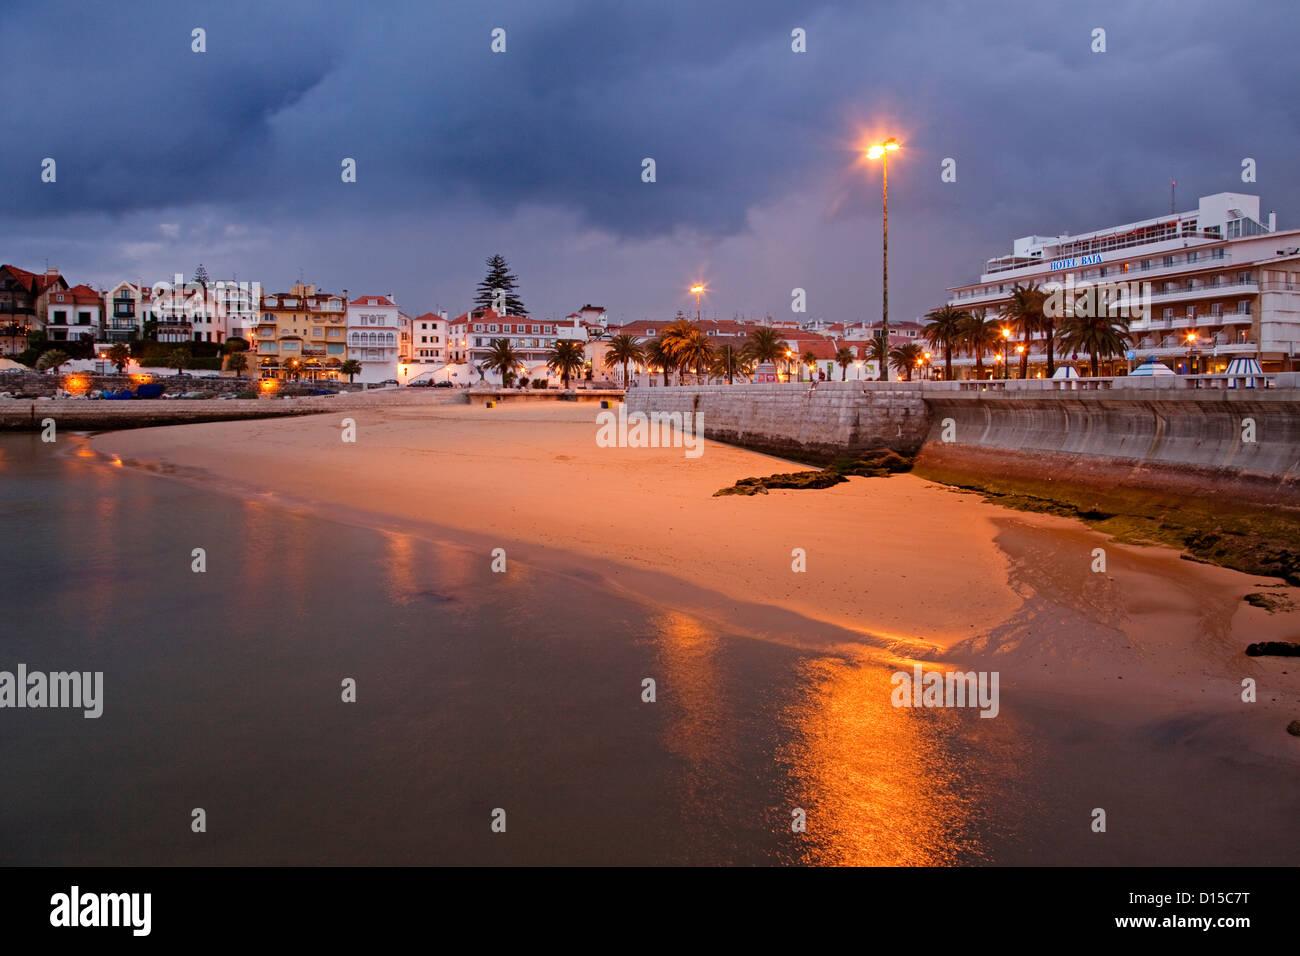 Playas de Cascais Portugal playas de Cascais Portugal Imagen De Stock